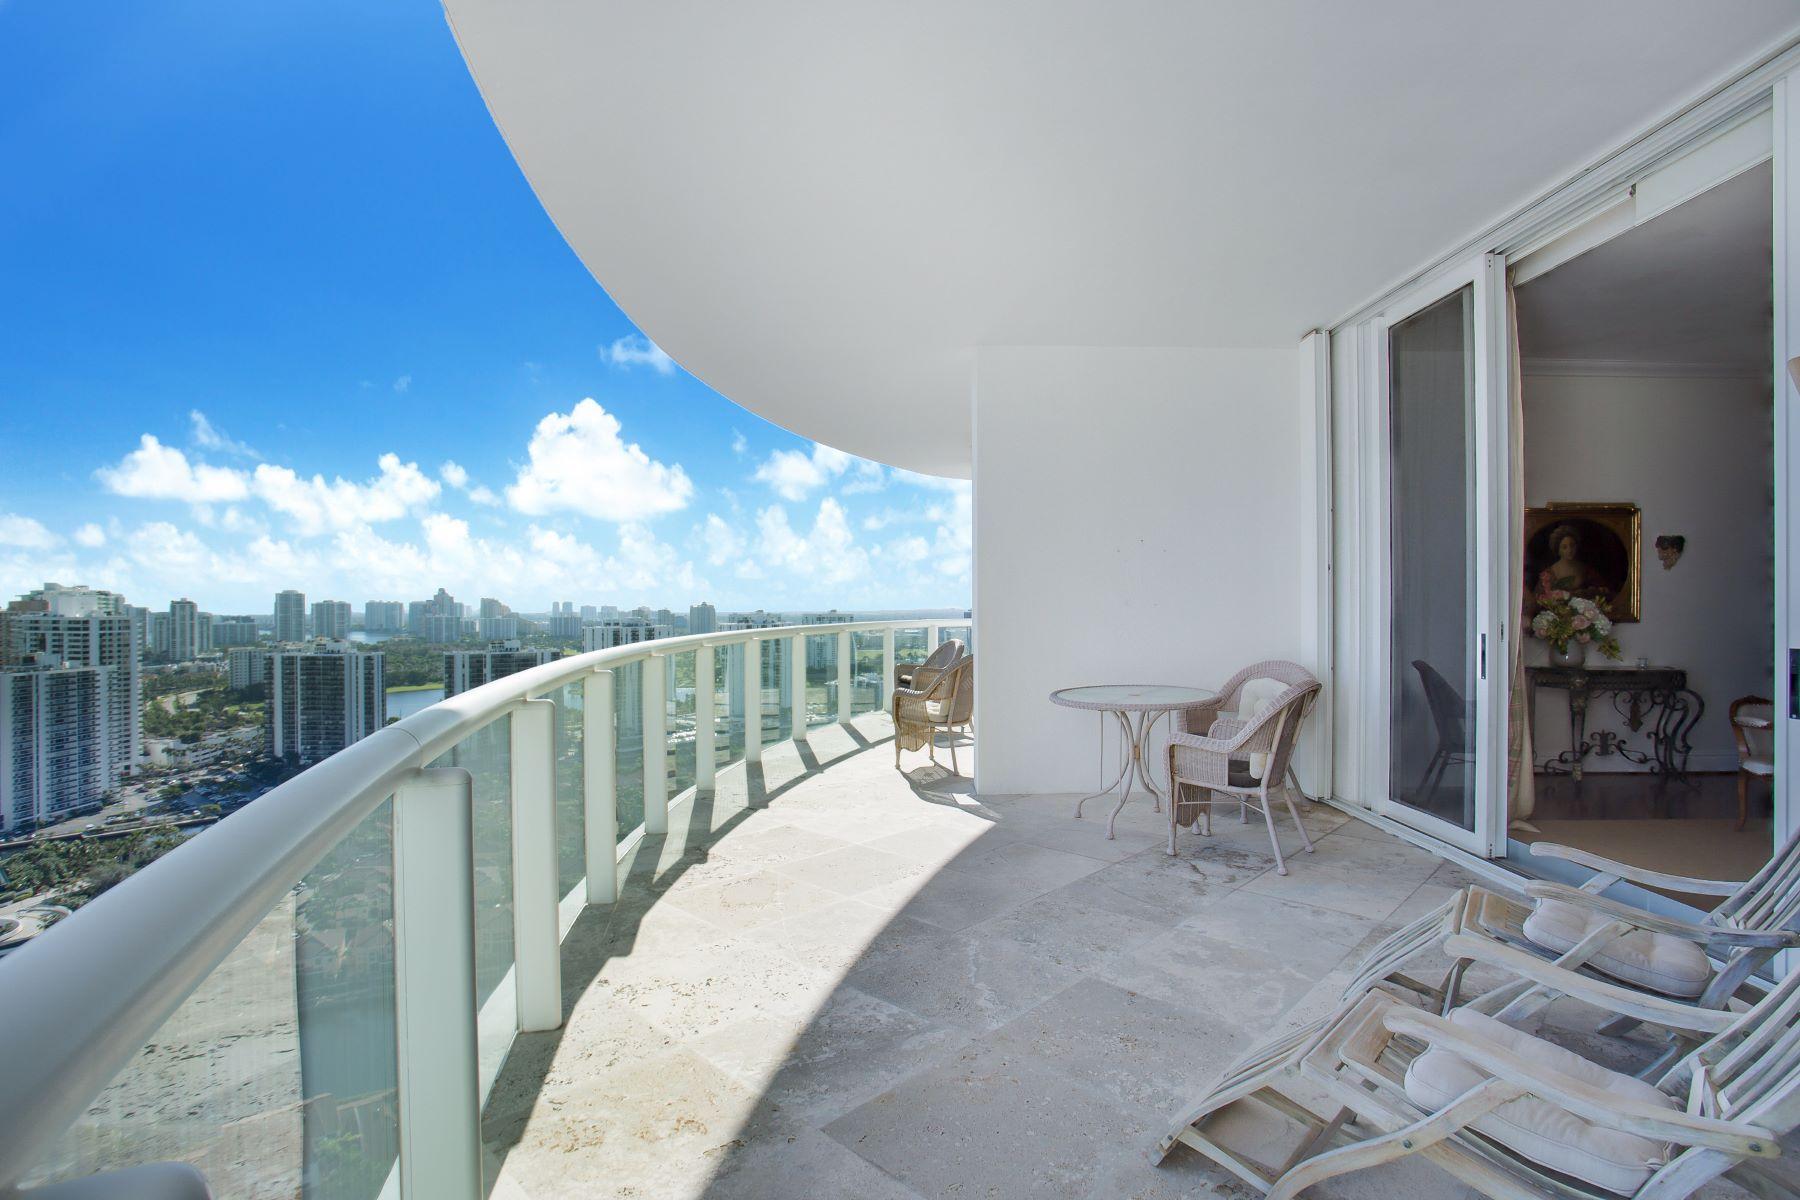 Condominium for Sale at 21050 Point Pl 21050 Point Pl 3106, Aventura, Florida, 33180 United States